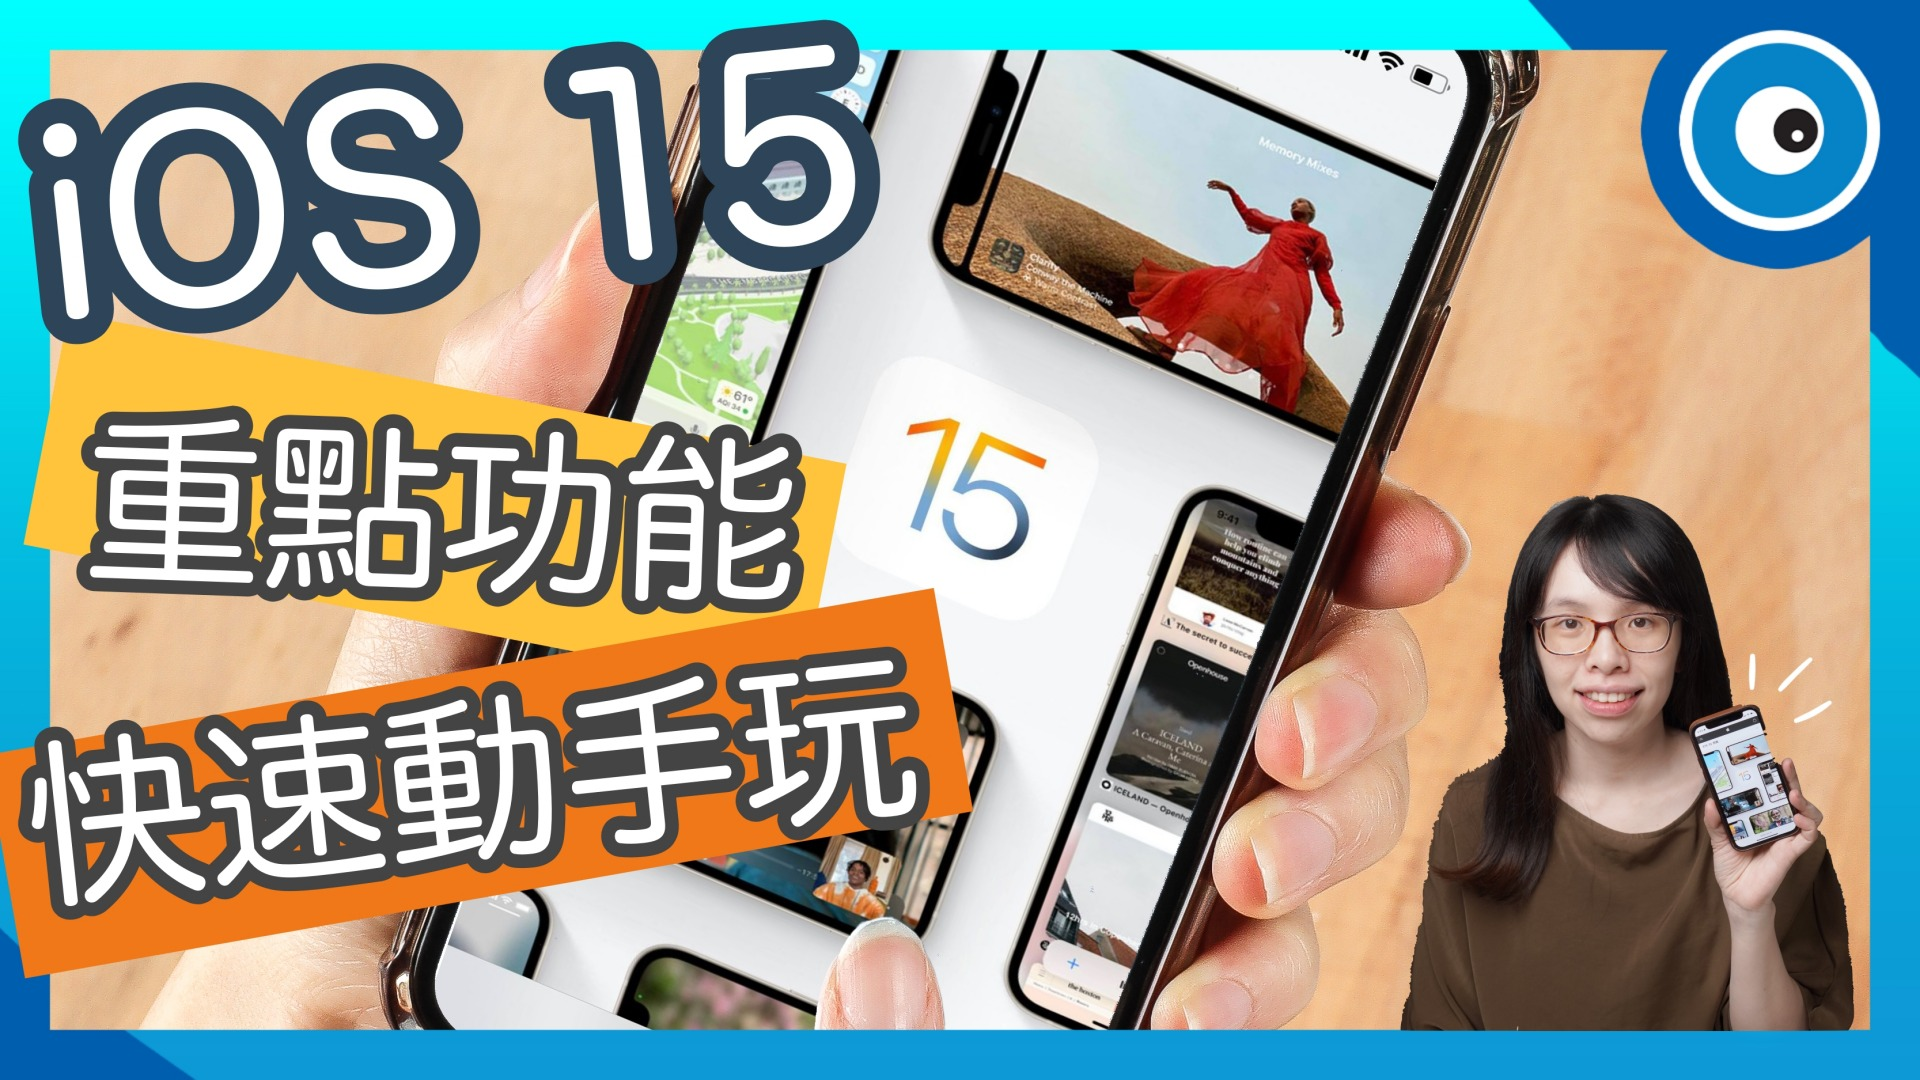 蘋果在今年 WWDC 發表了 iOS 15,相較於 iOS 14 這一次更新頗多,就讓我們來一一介紹吧!